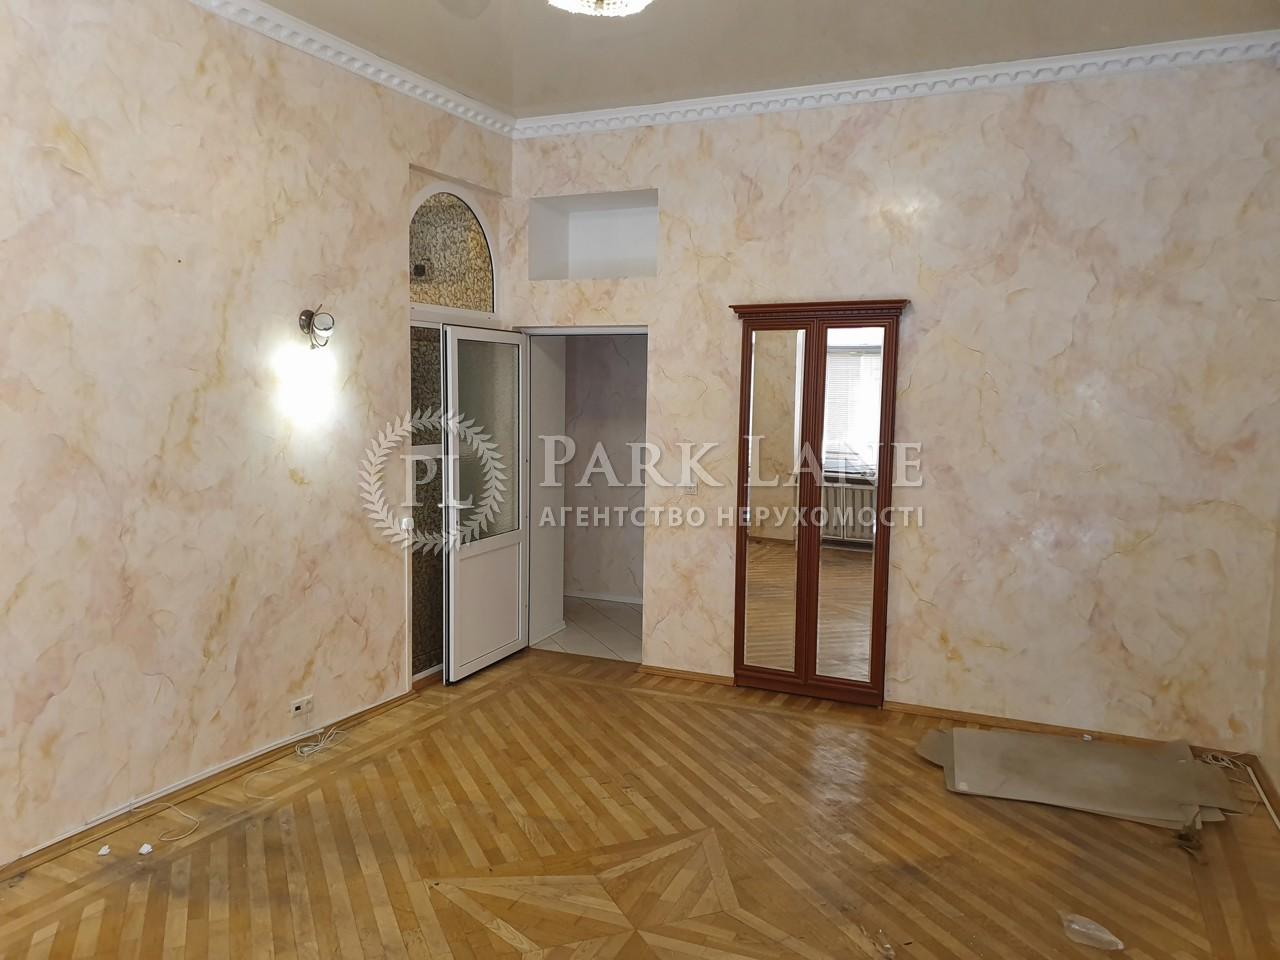 Квартира ул. Большая Васильковская, 30, Киев, R-35156 - Фото 5